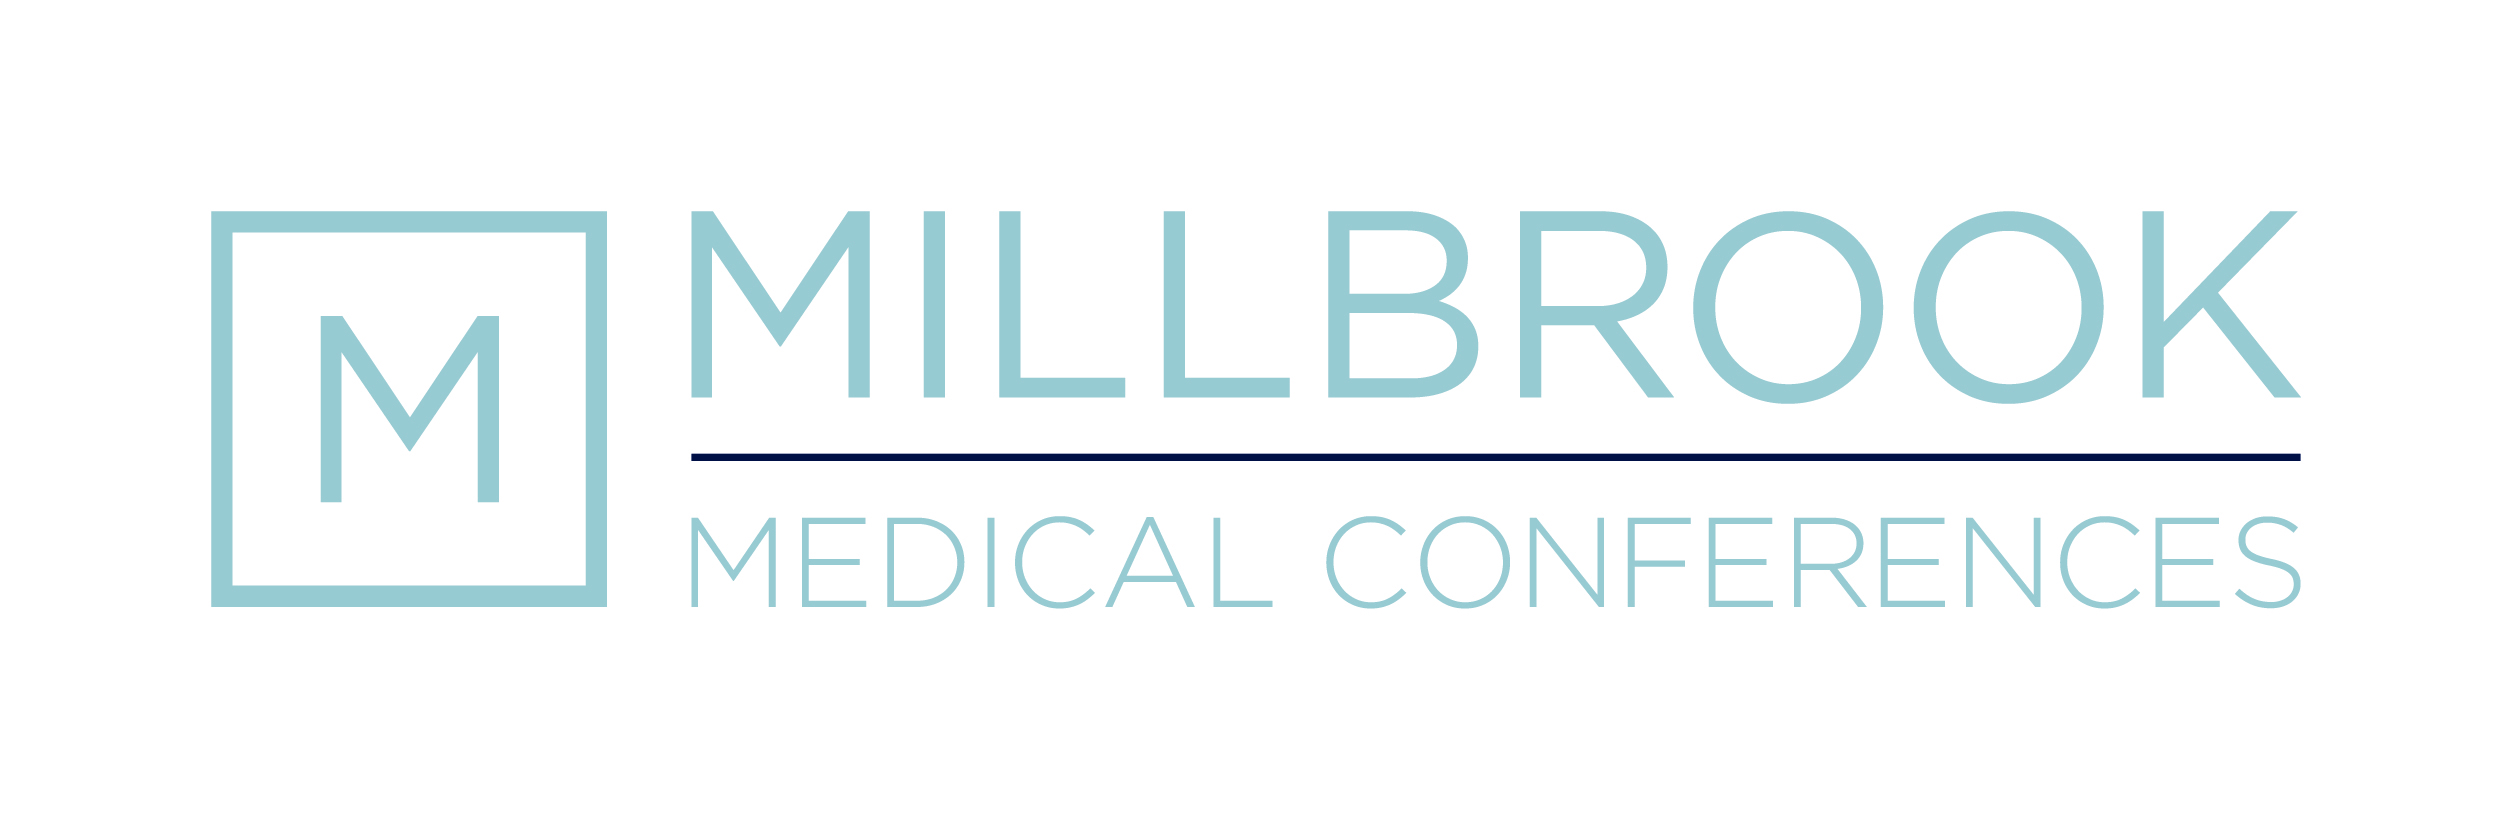 Millbrook Medical Conferences